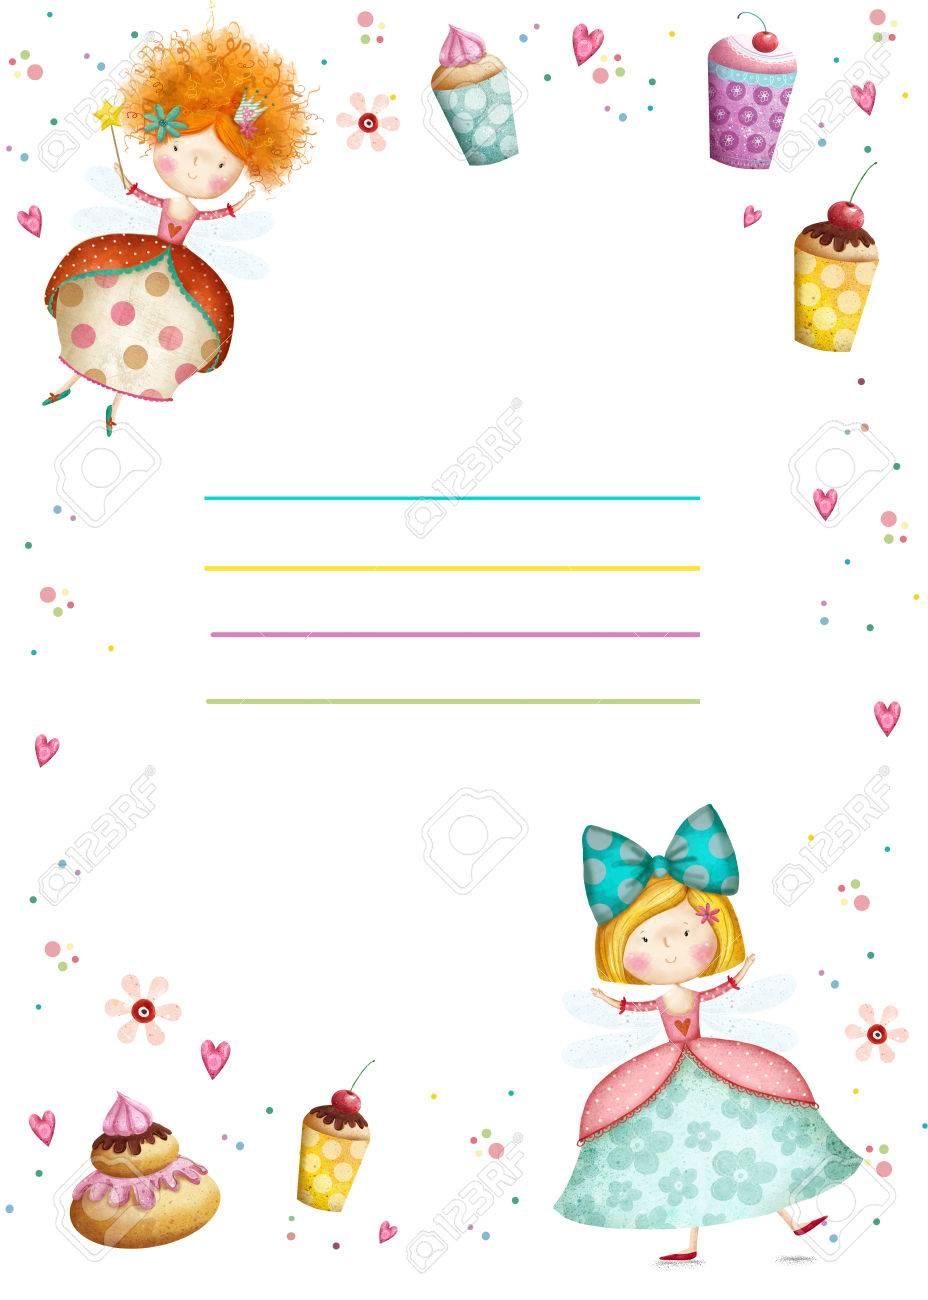 Happy Birthday Invitation Party Invitation Cute Small Princesses